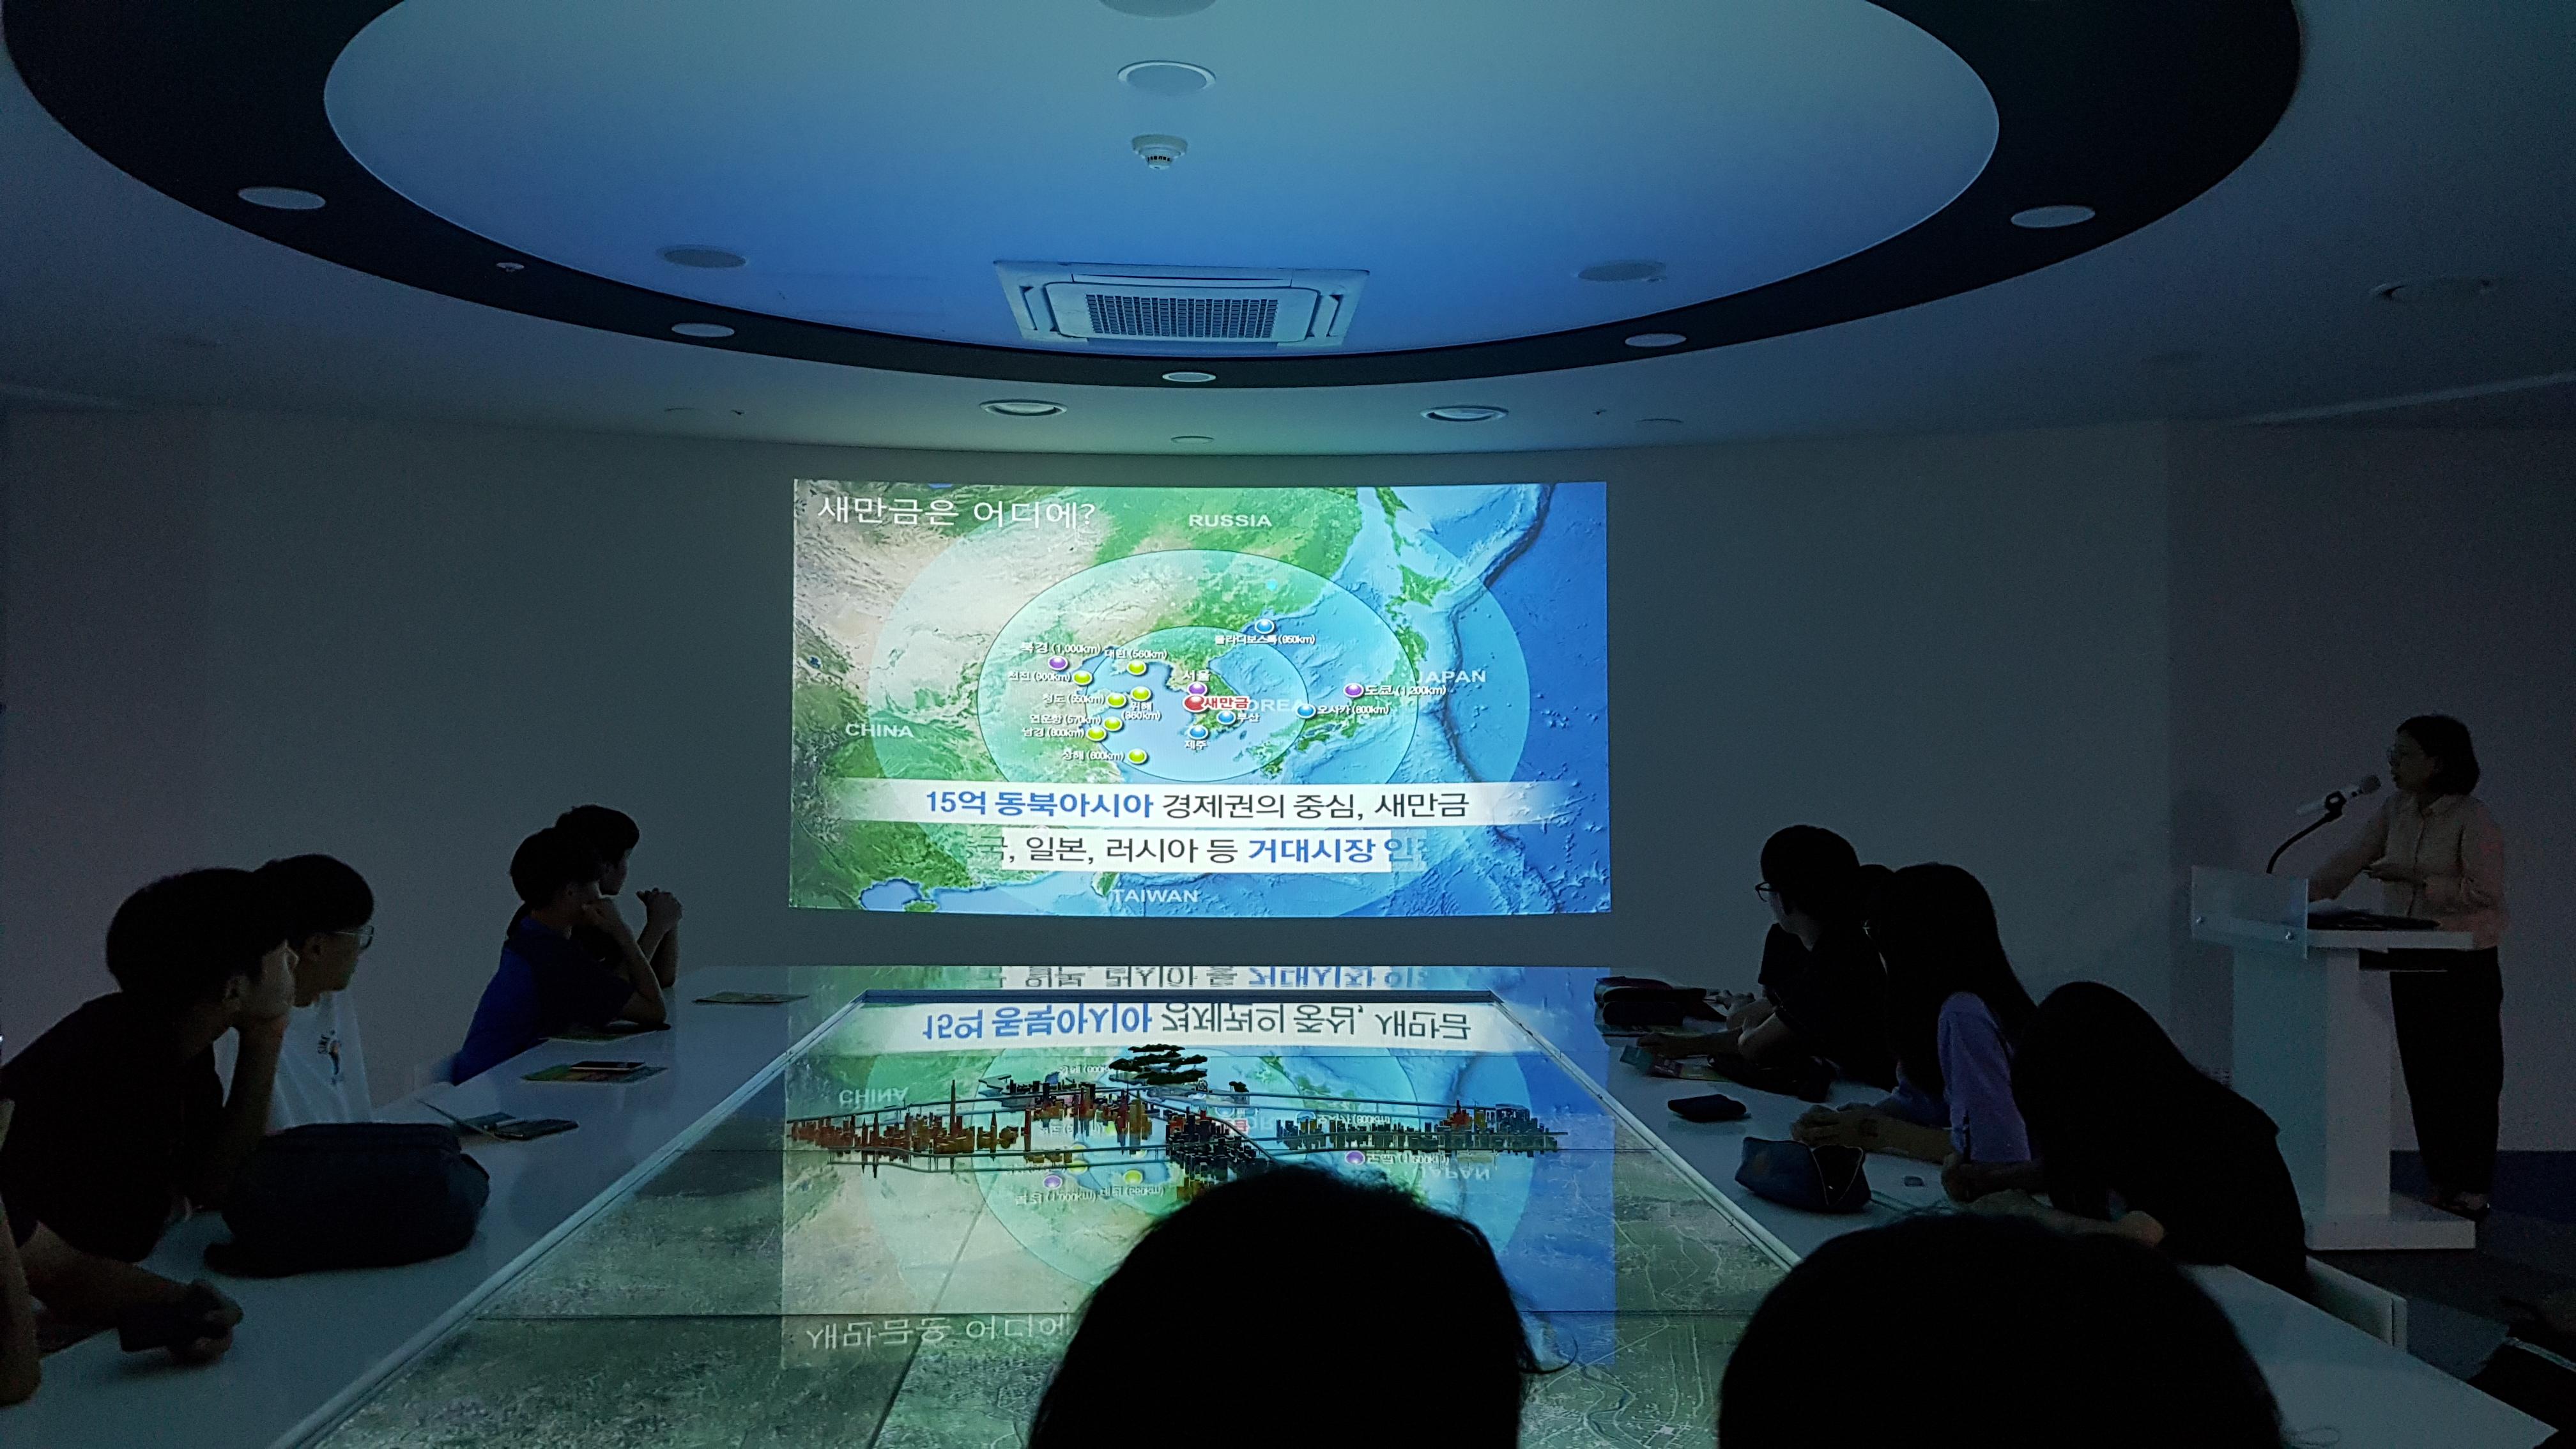 20190704 성일중 청.진.기 새만금 투자 전시관 (13)